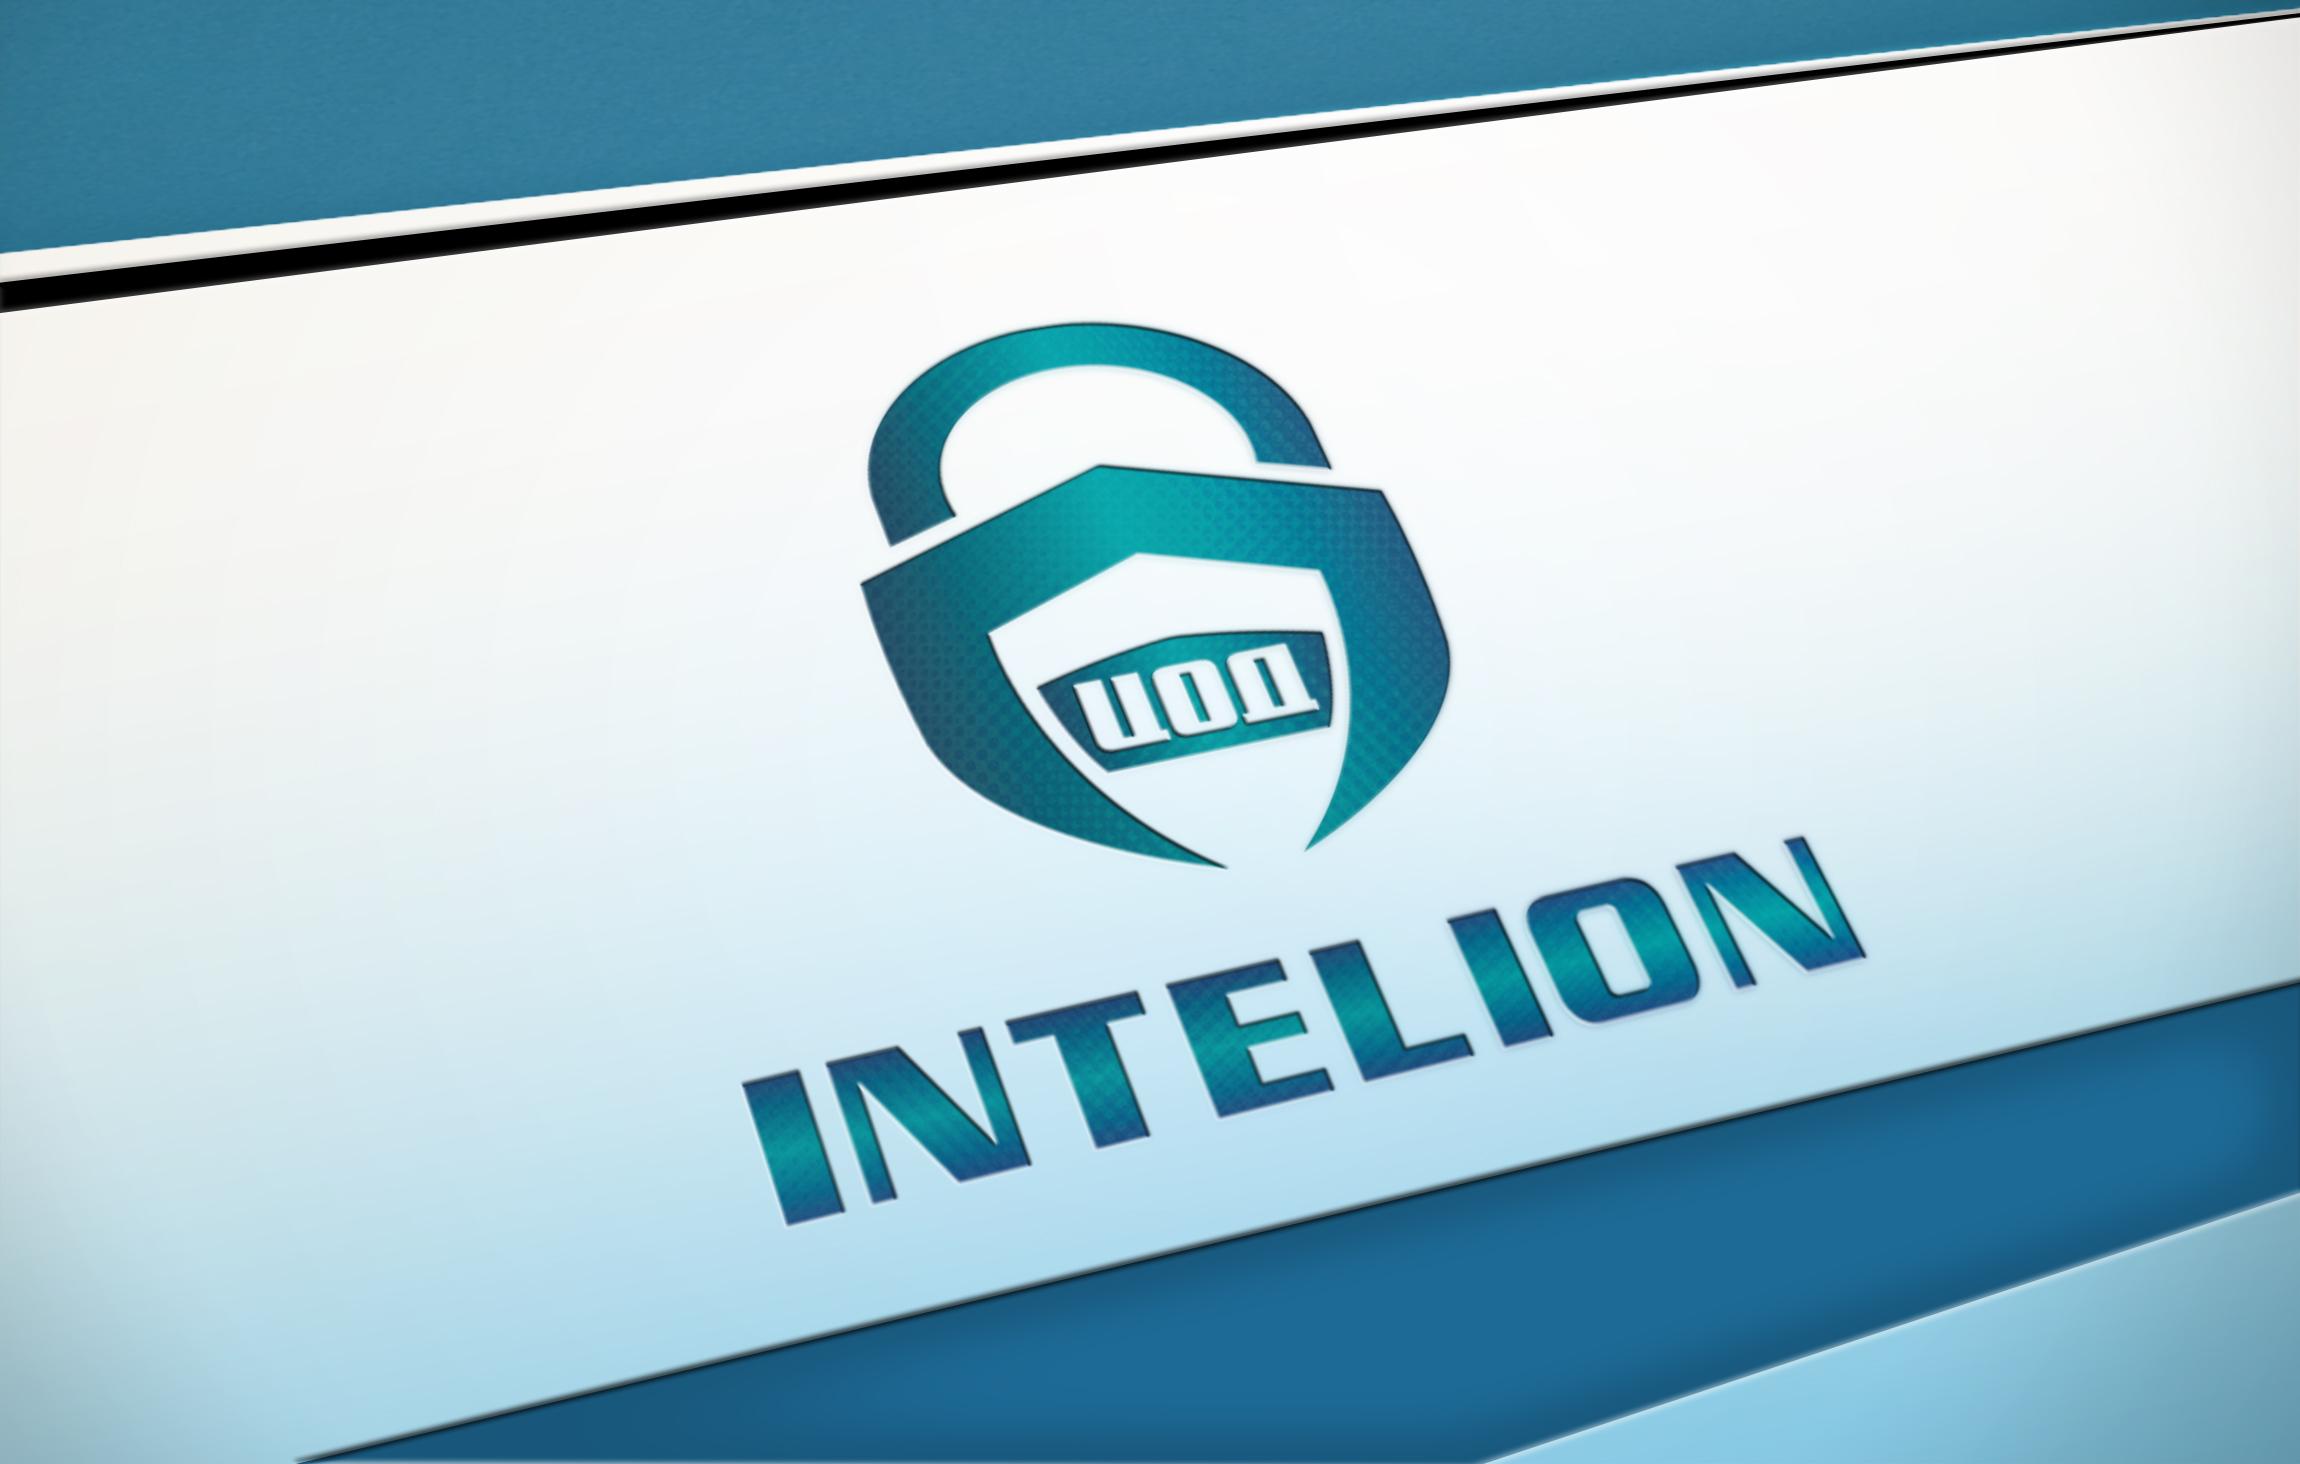 Разработка логотипа фото f_9915aad5c1ad32e0.jpg